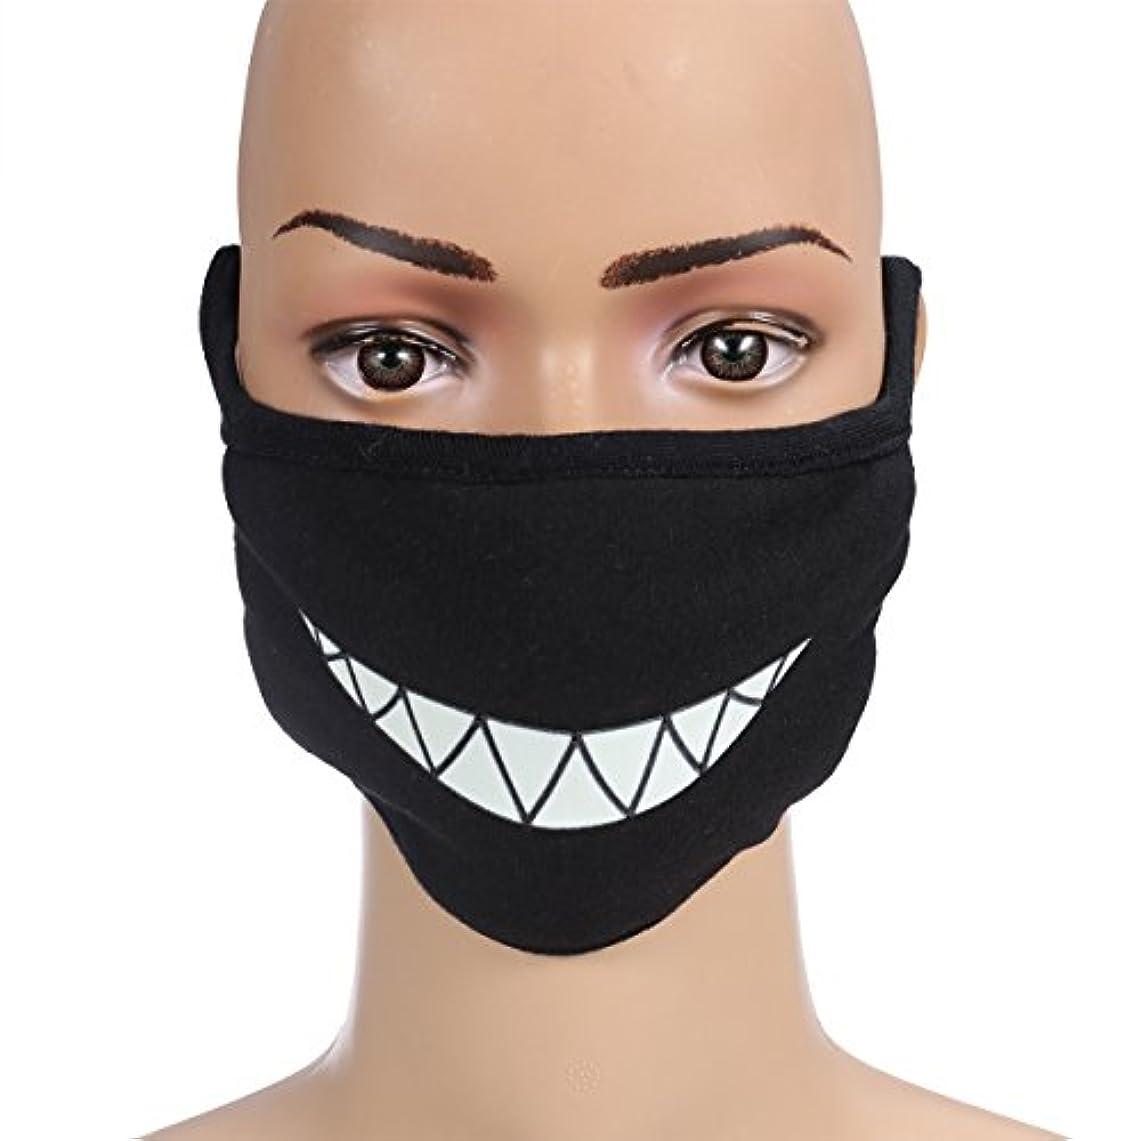 温室またね突撃Toyvian ハロウィンコスプレ用防塵口マスク綿の歯発光口マスク